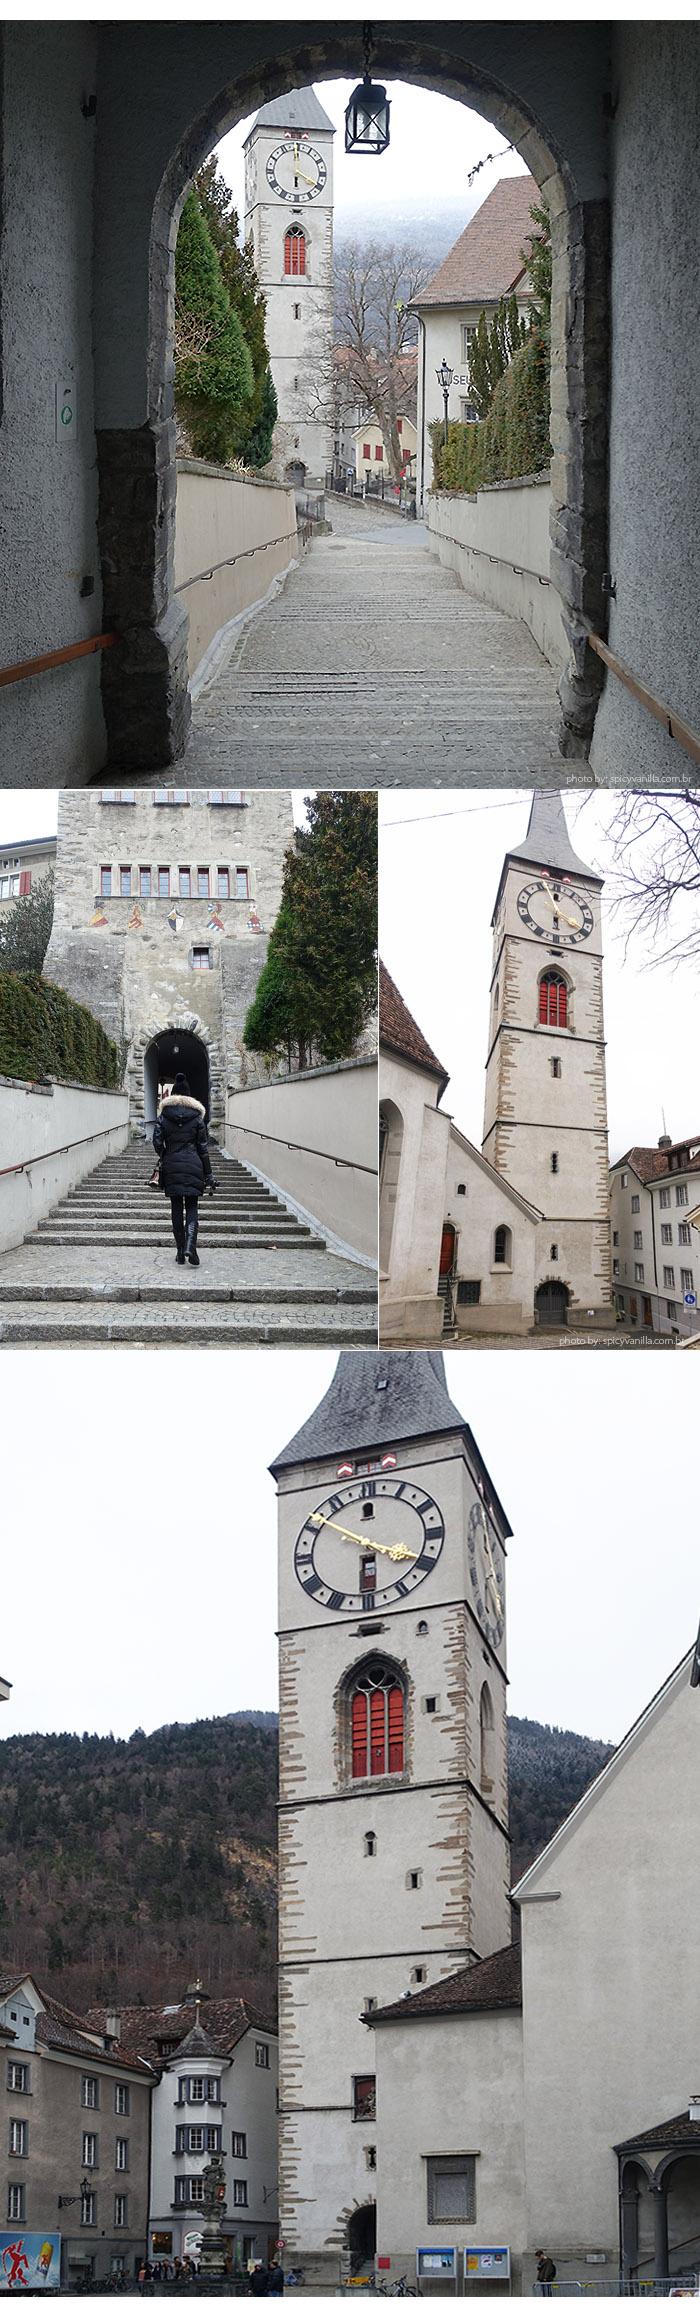 coira cidade - Chur (Coira) | Onde ficar e o que fazer na cidade da Suíça Alemã